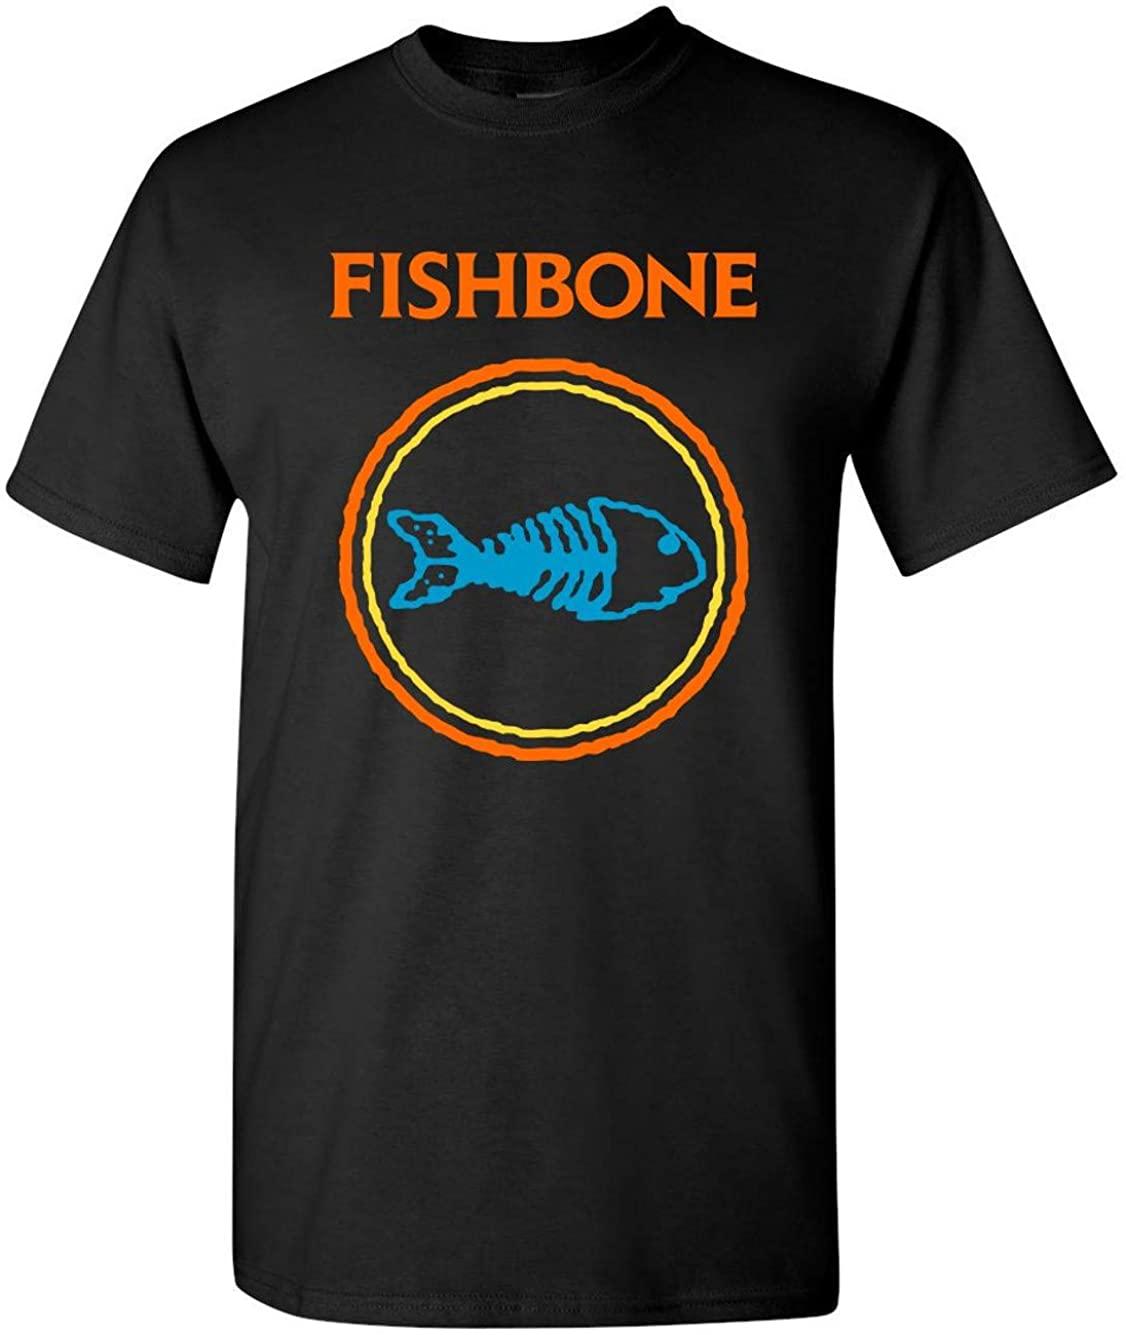 Fishbone Logo T-Shirt